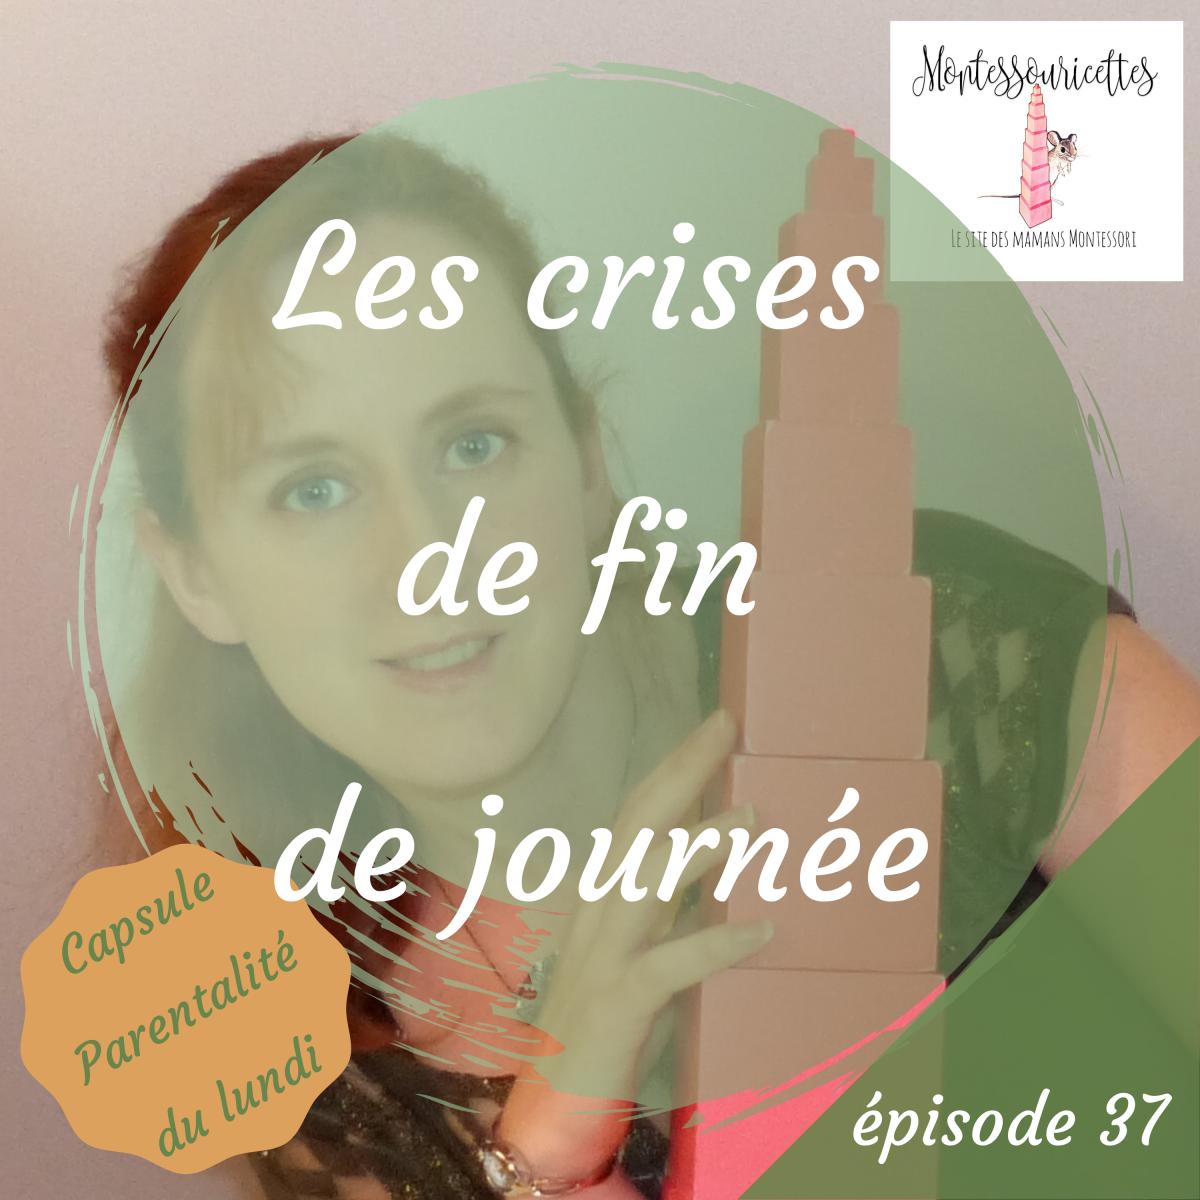 La crise de fin de journée - épisode 37